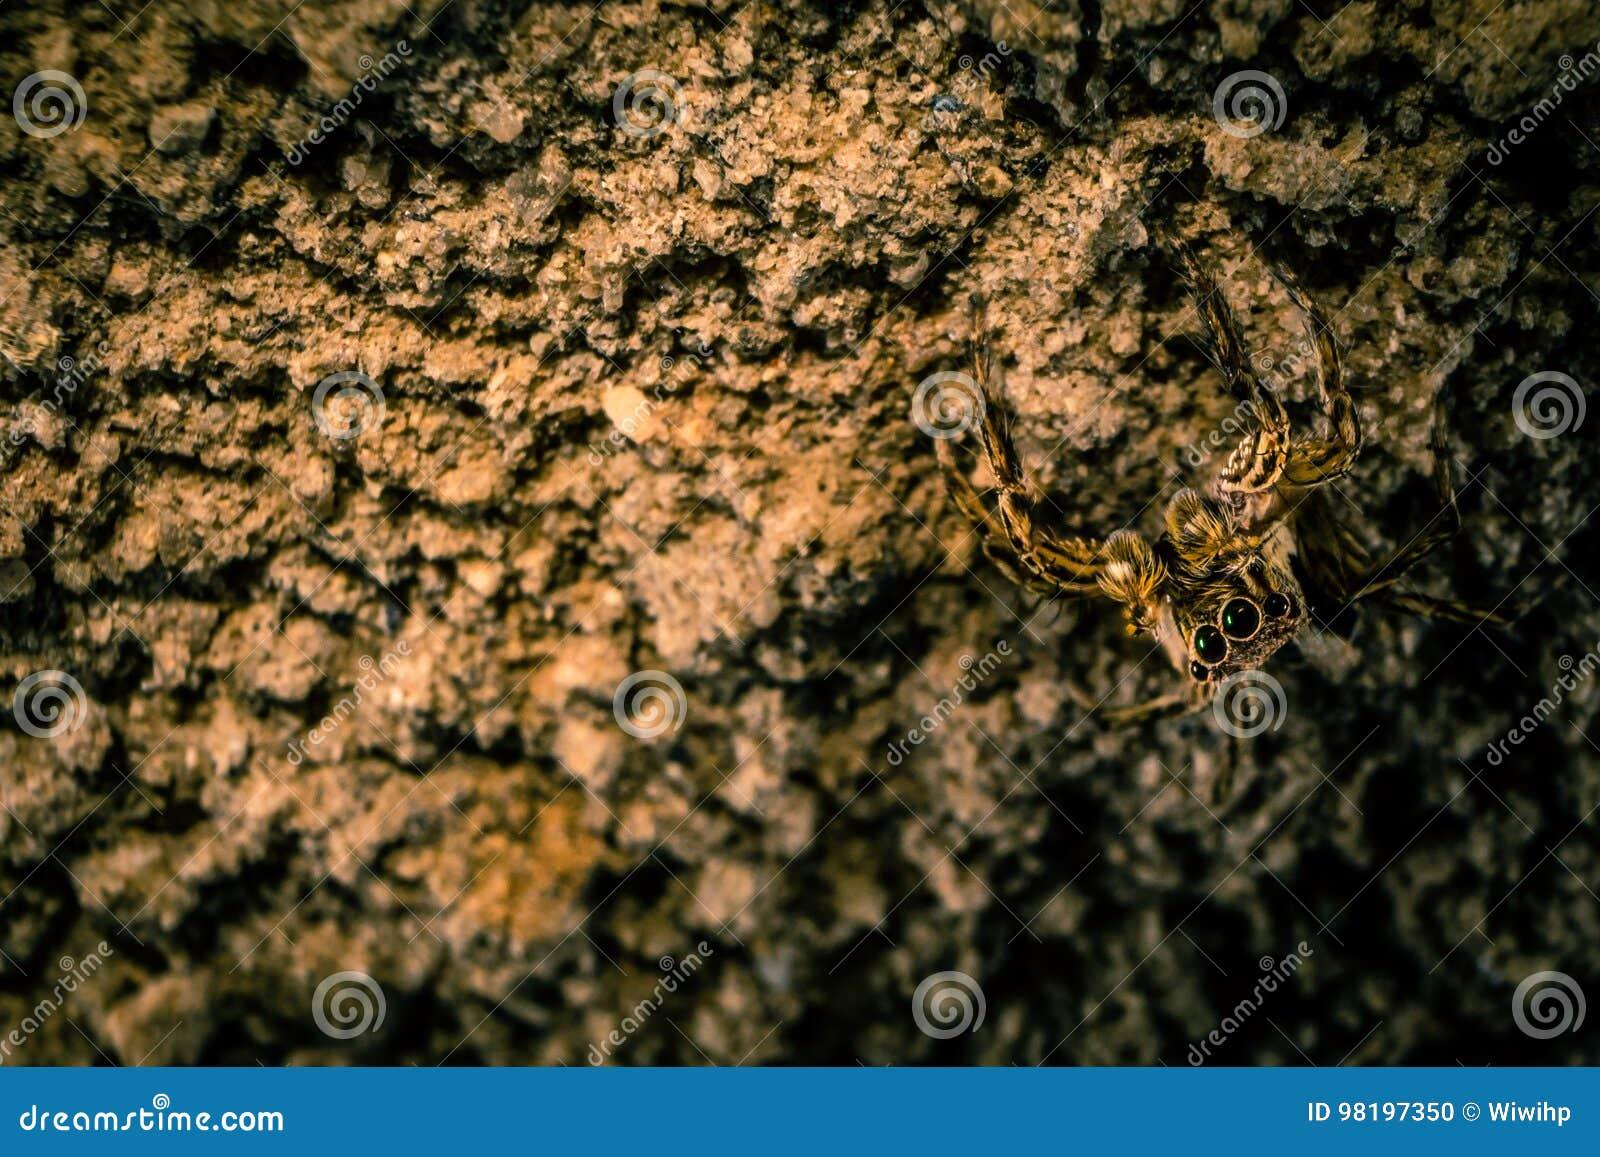 Jumper Spider Camouflage